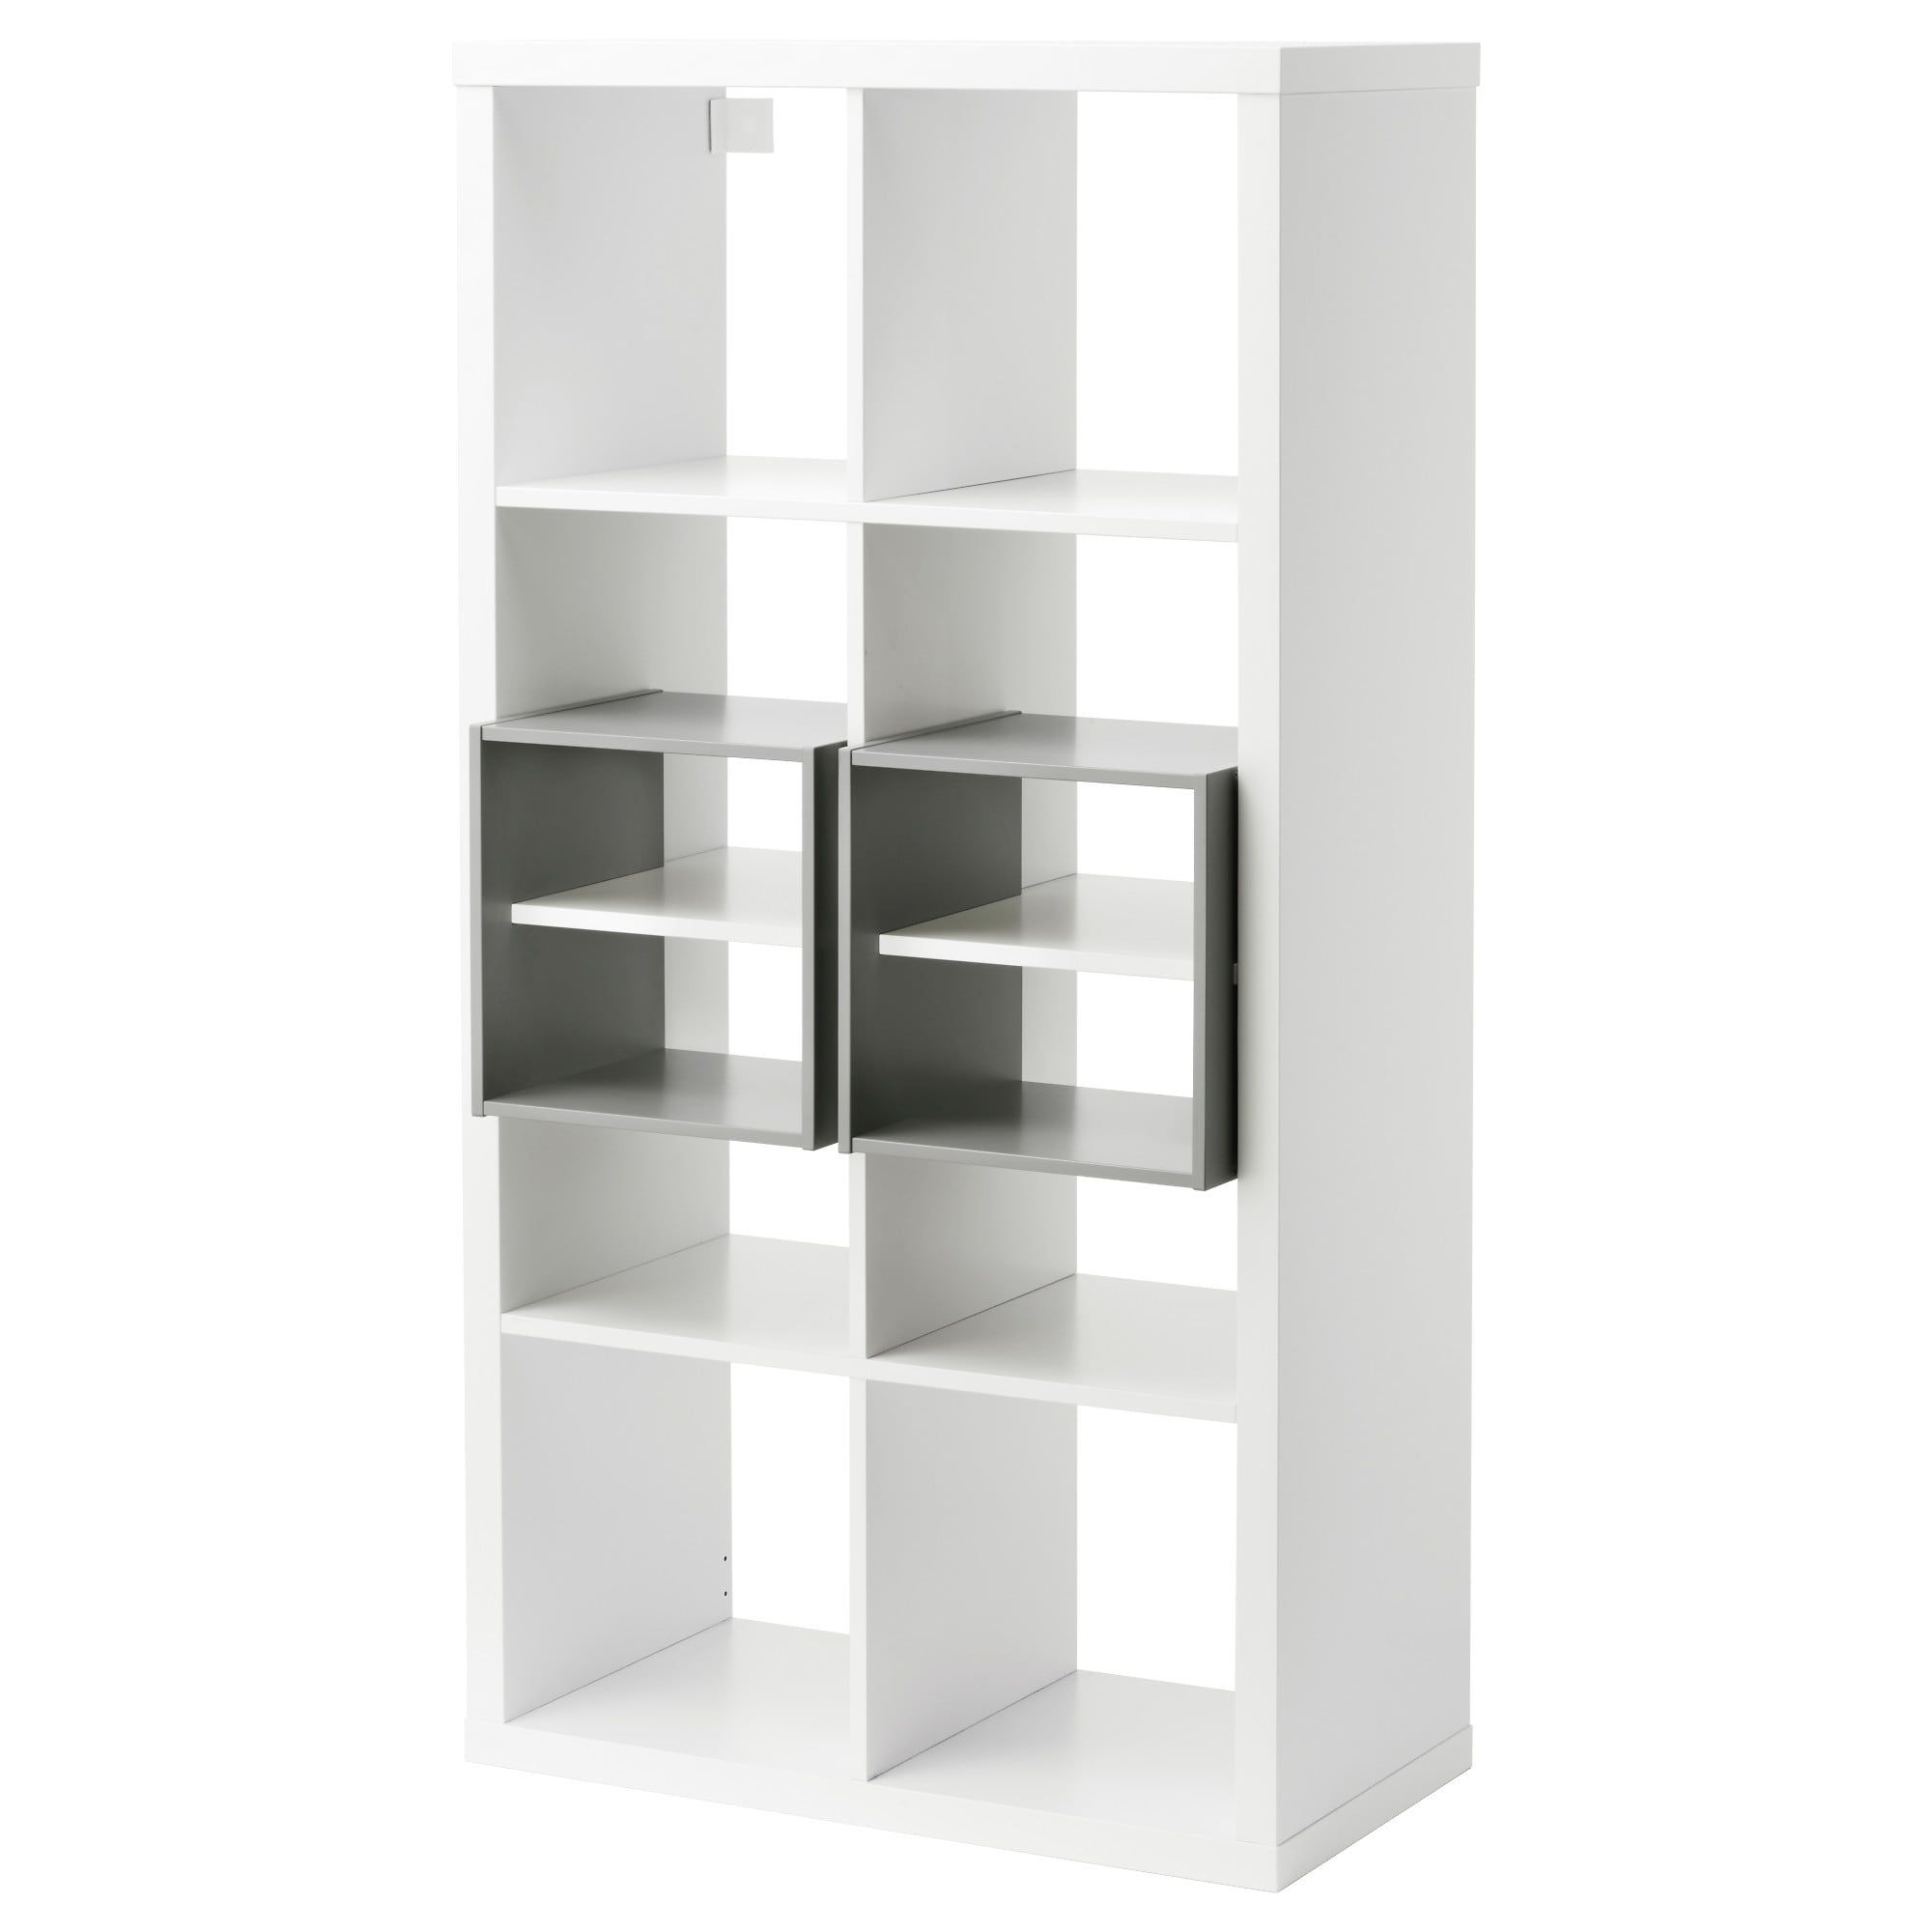 Kallax Regal Mit 2 Einsatzen Weiss Ikea Regal Schrank Planen